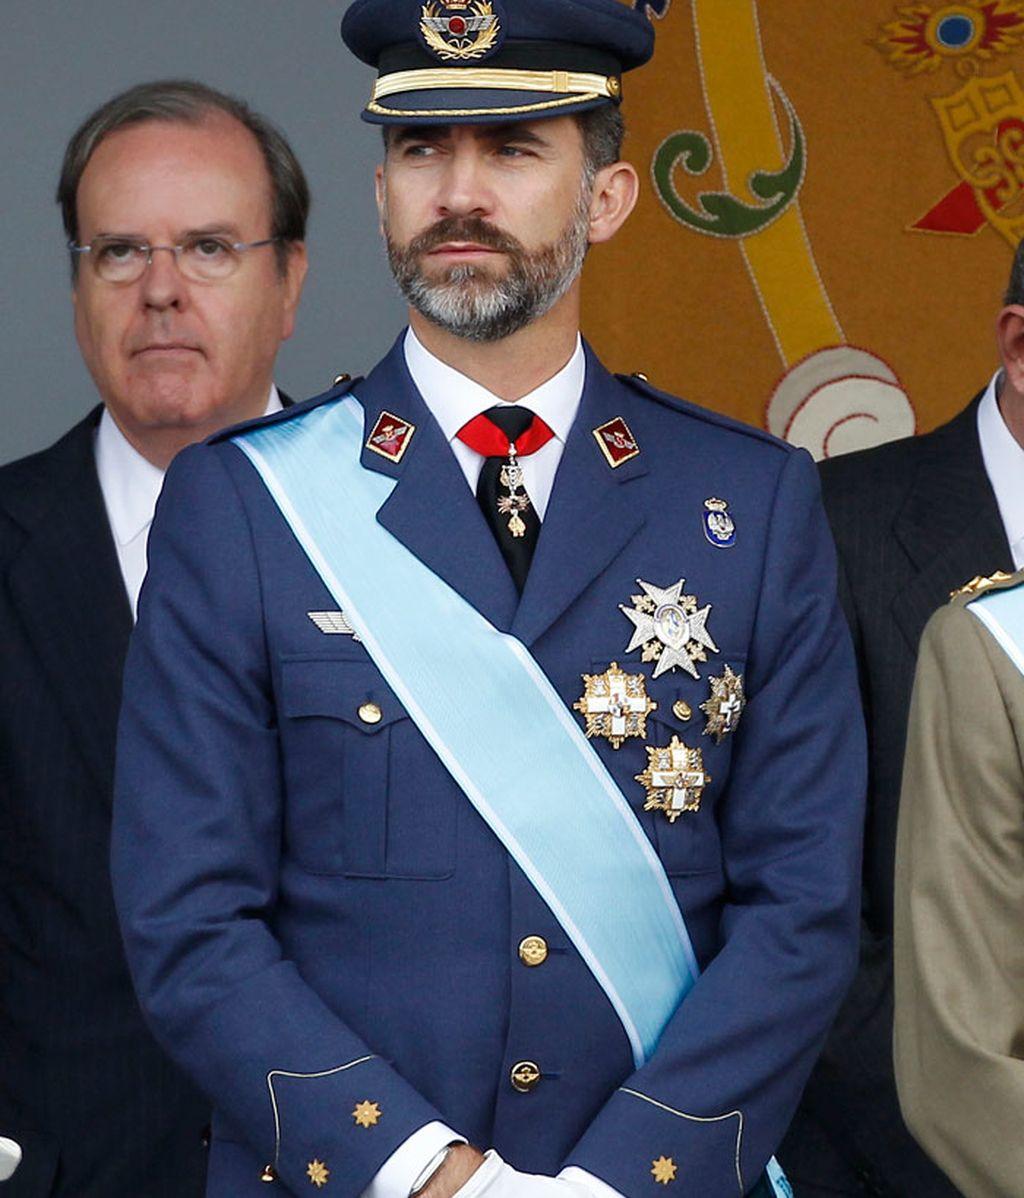 El príncipe Felipe durante el desfile militar